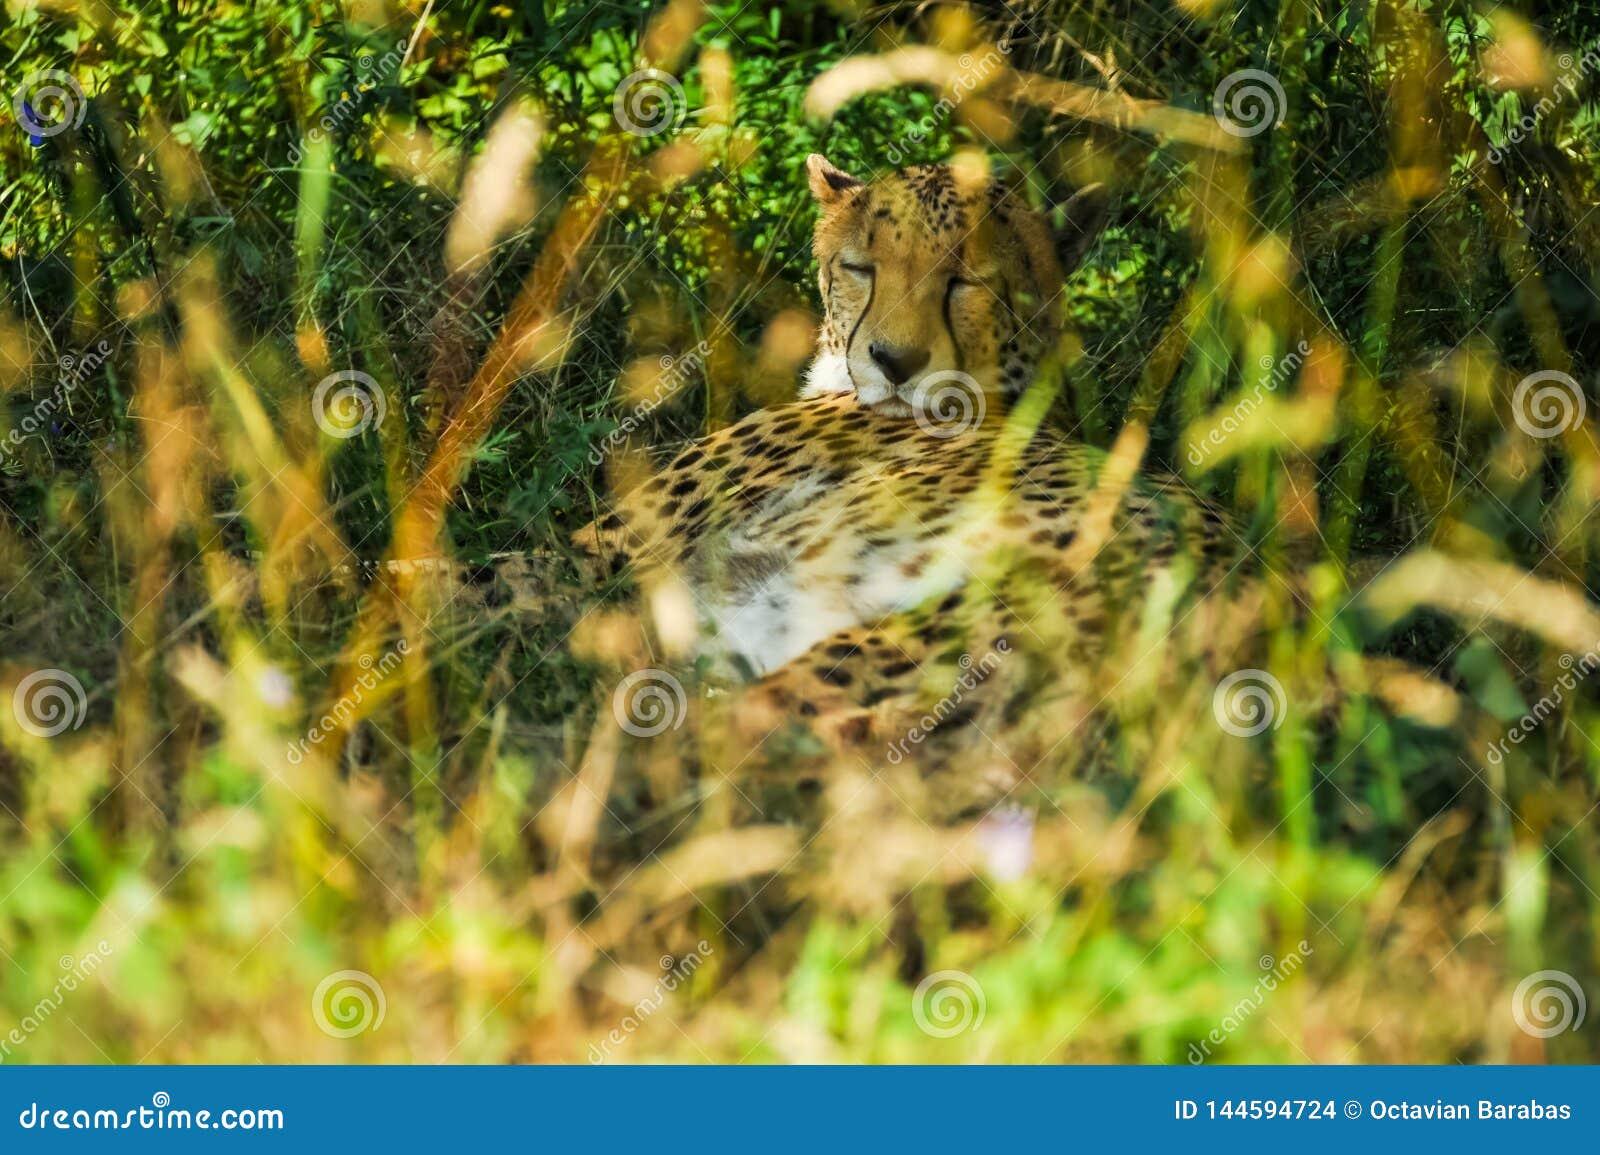 睡觉在阴影的一棵树下的猎豹